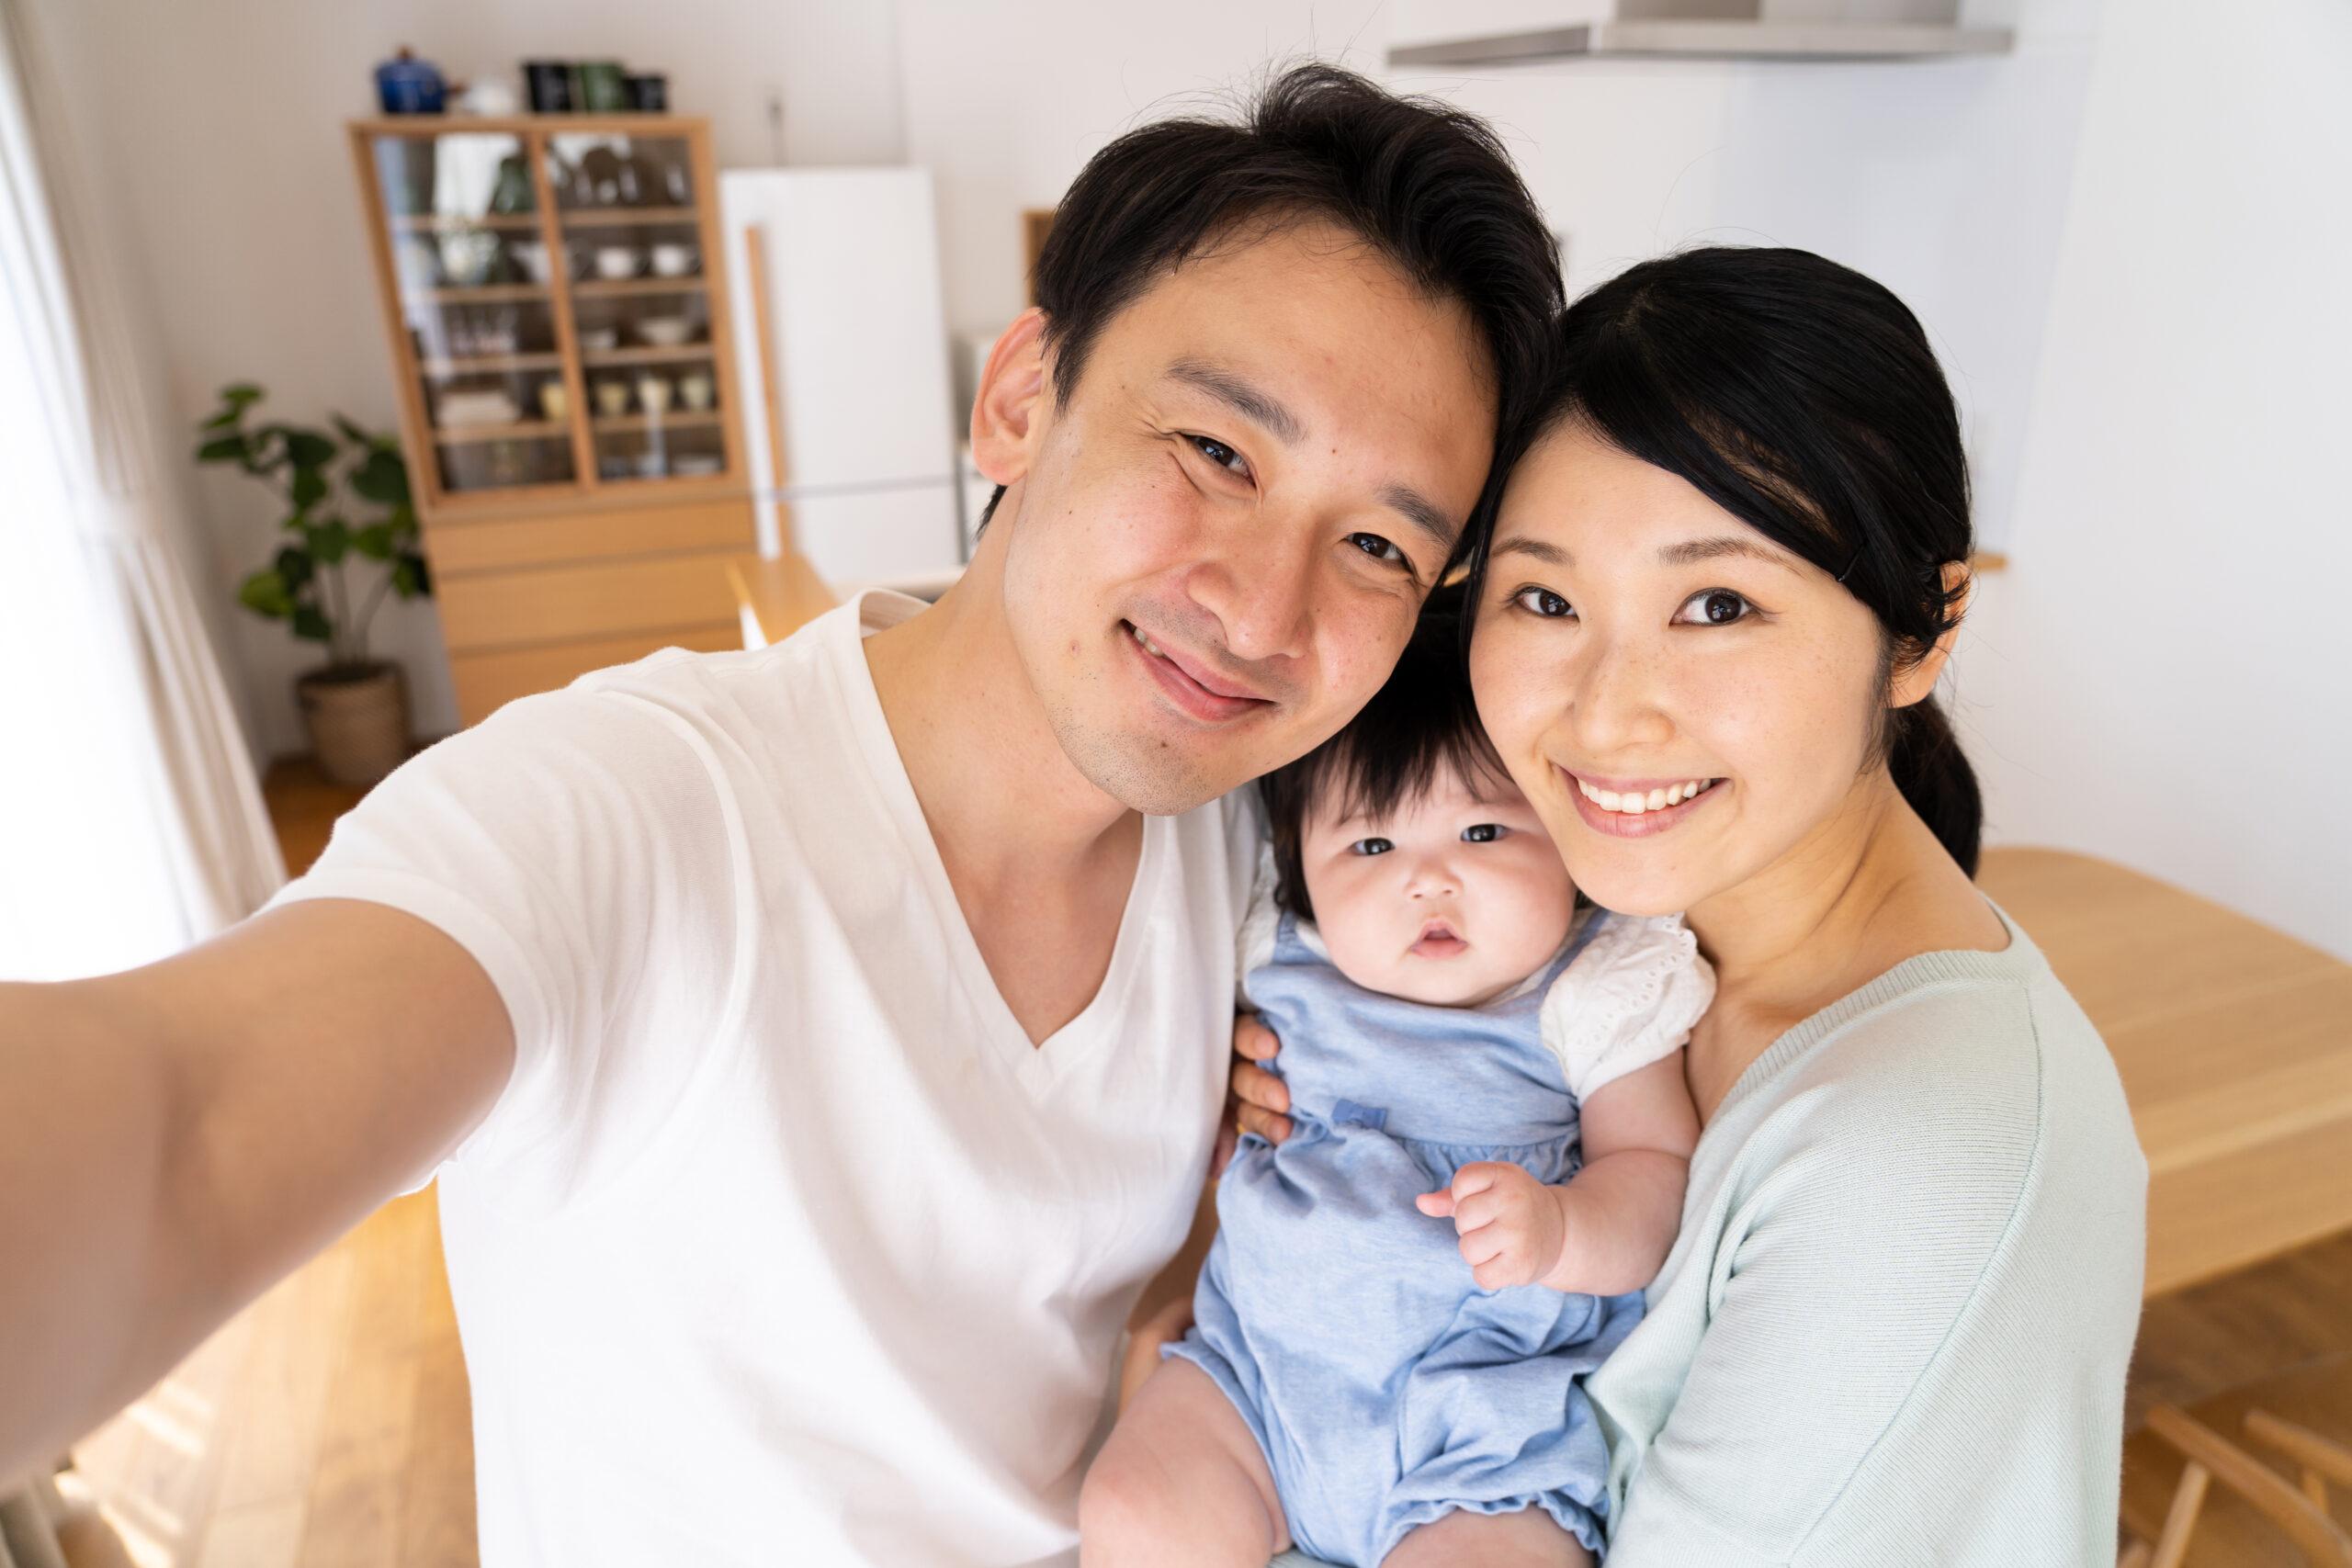 バラ写真 PRO 600dpiコース 家族写真 こども写真 写真 デジタル化